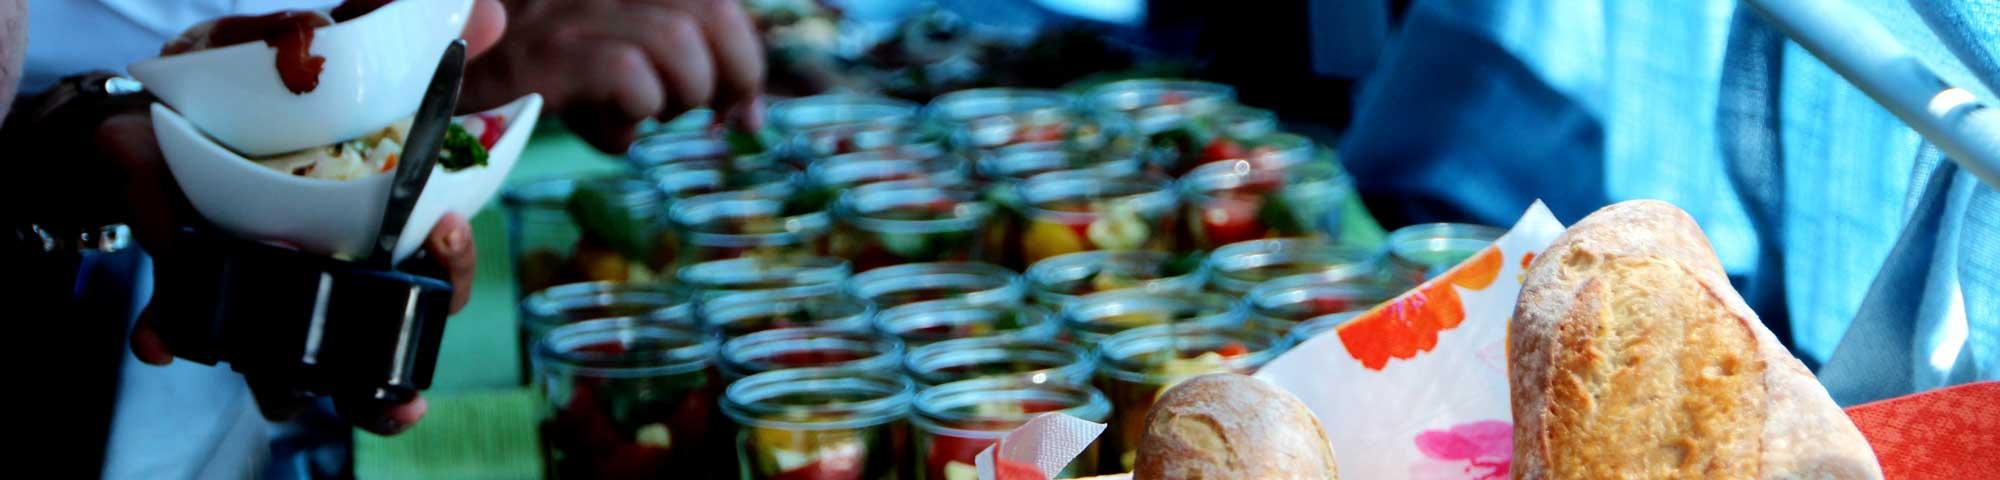 cateringservice-feinkost-001